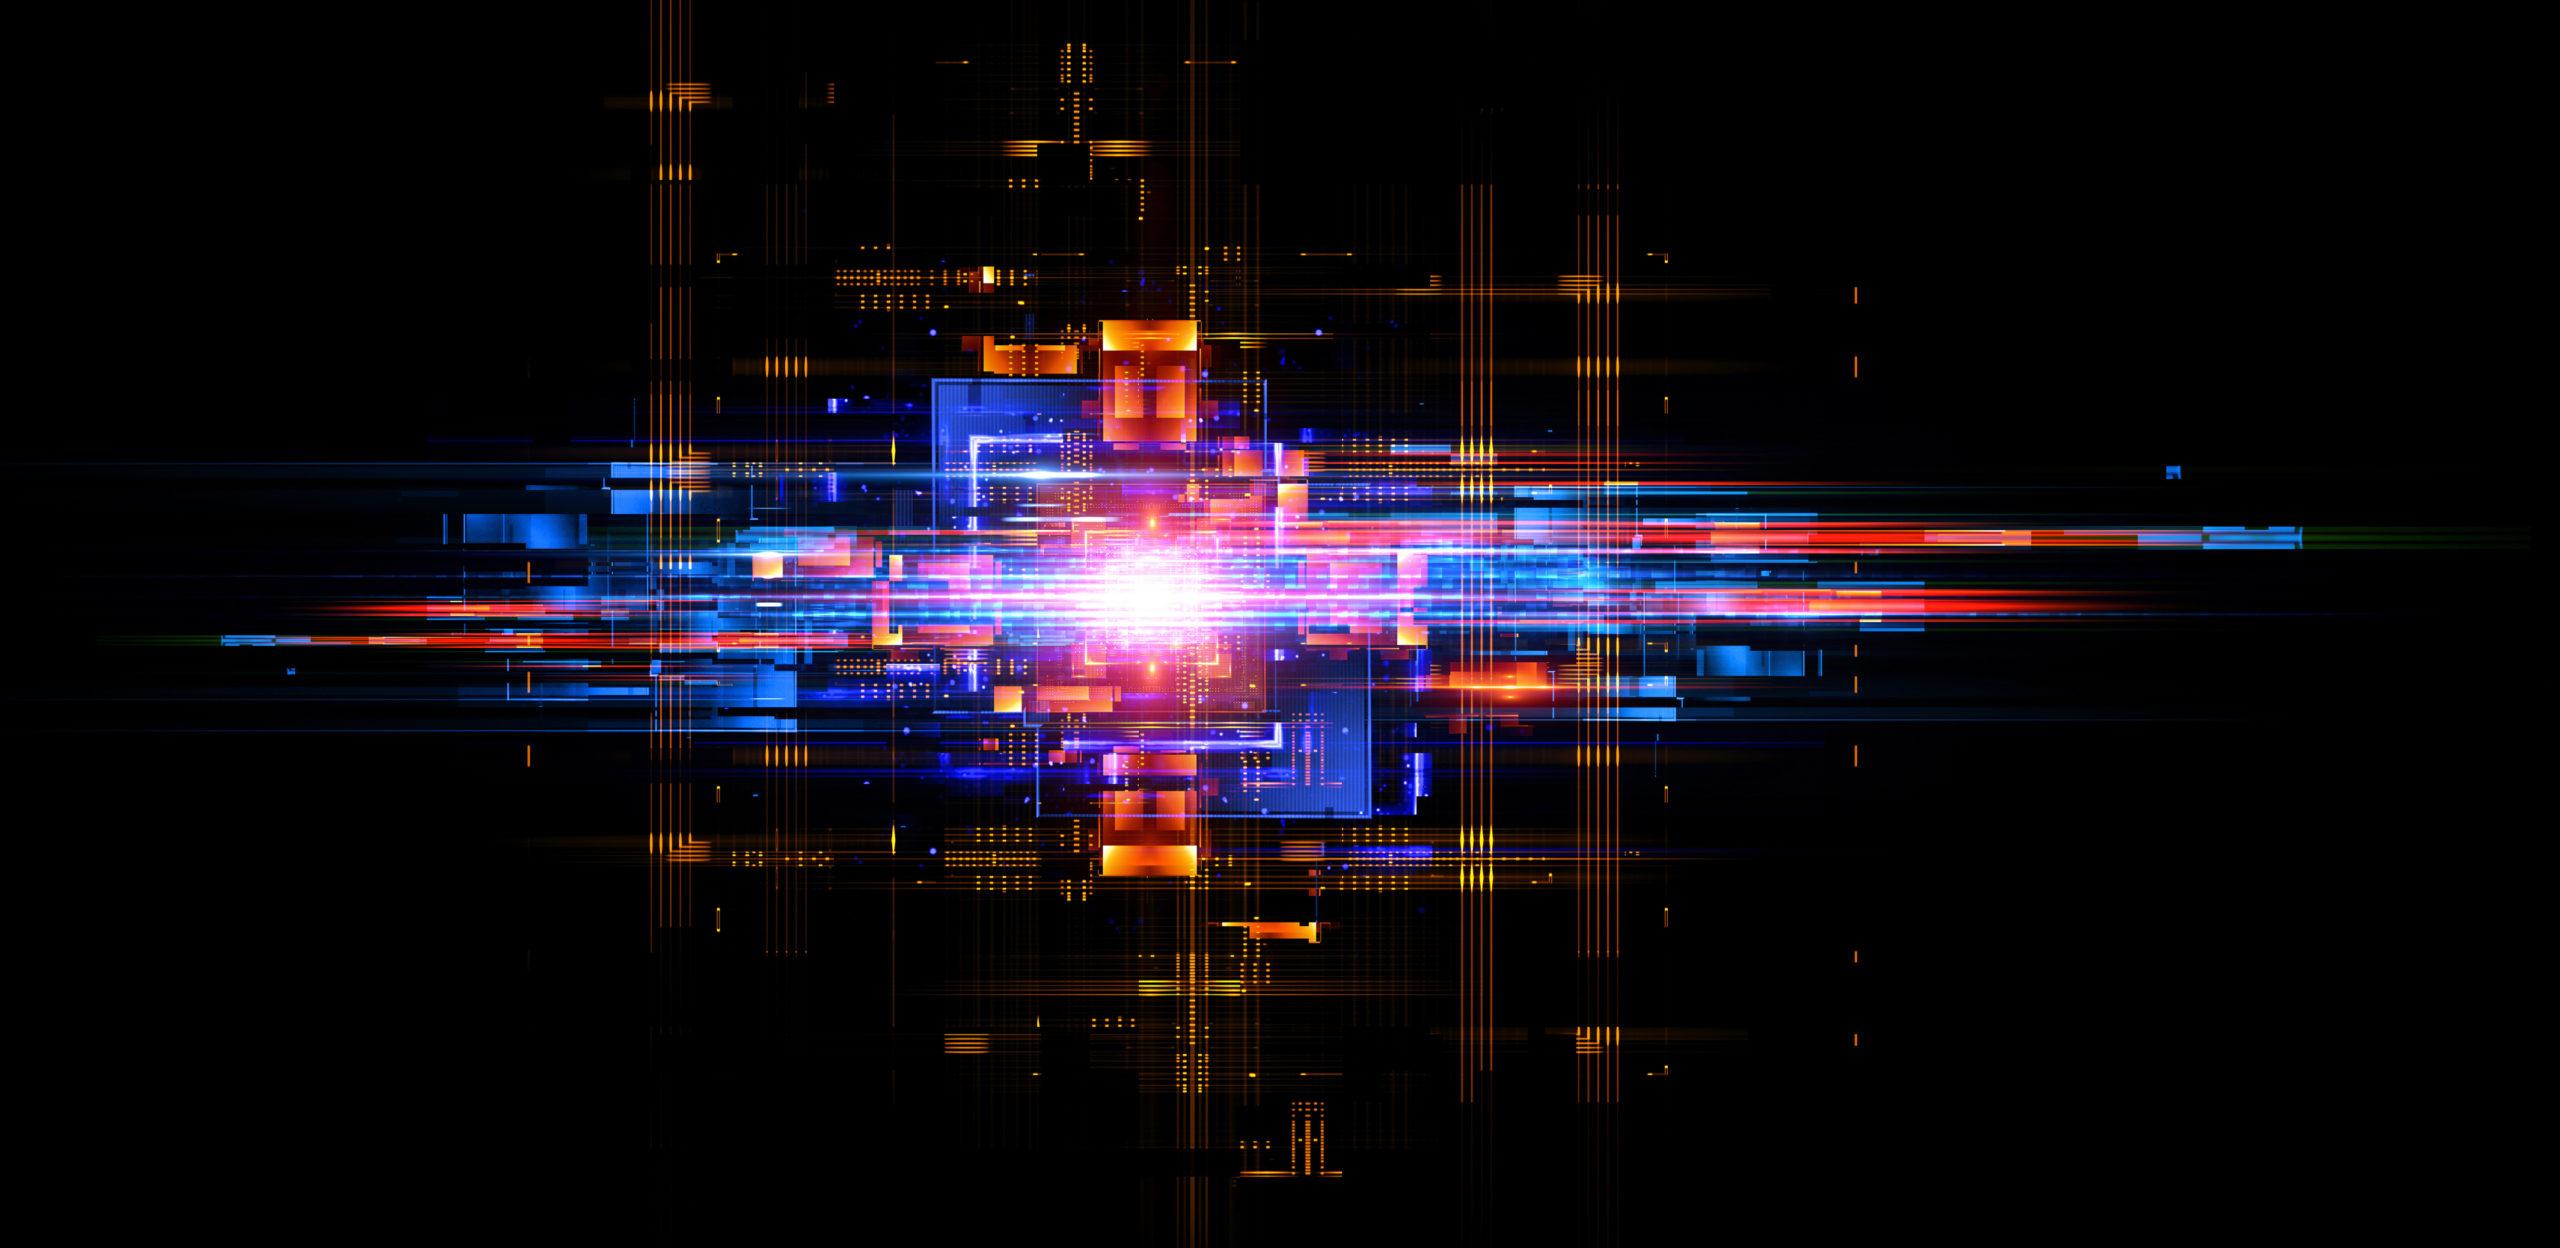 Kommunikation: LED Effekte, Technik der Zukunft, abstrakte Darstellung der Kommunikation